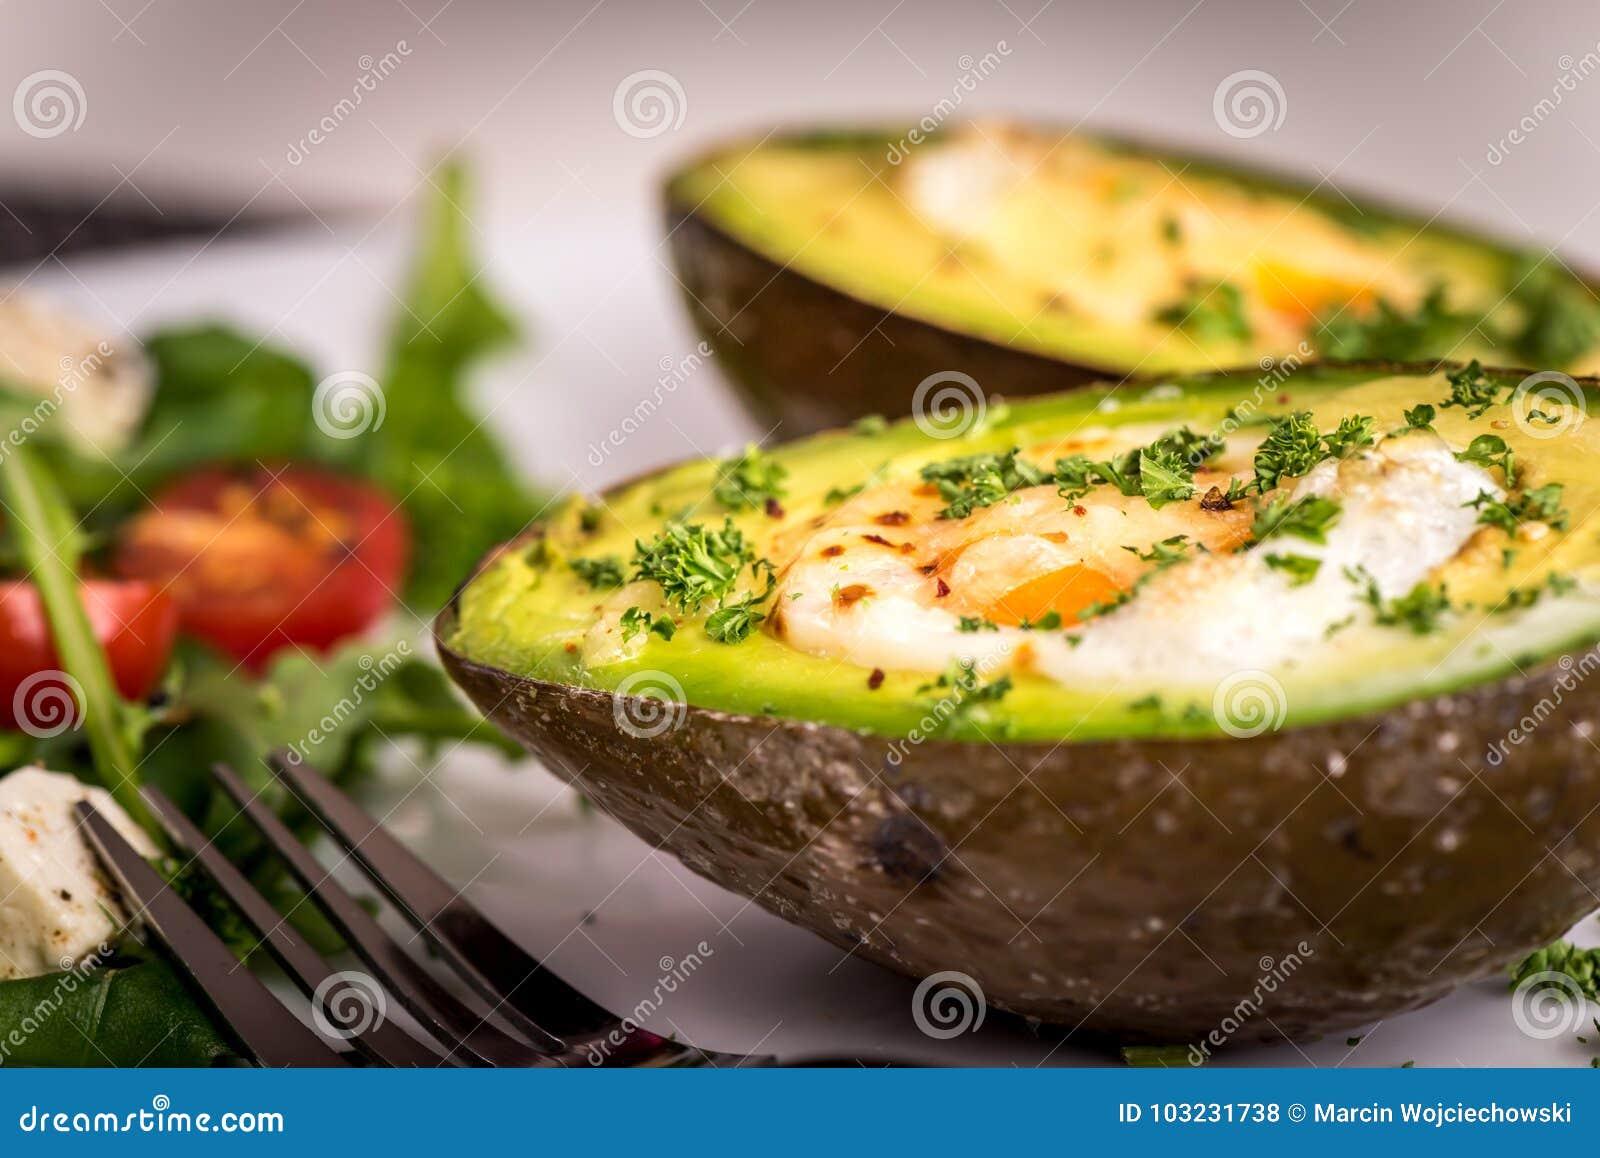 Gesunder Teller des strengen Vegetariers - Avocado backte mit Ei und Salat mit rucola